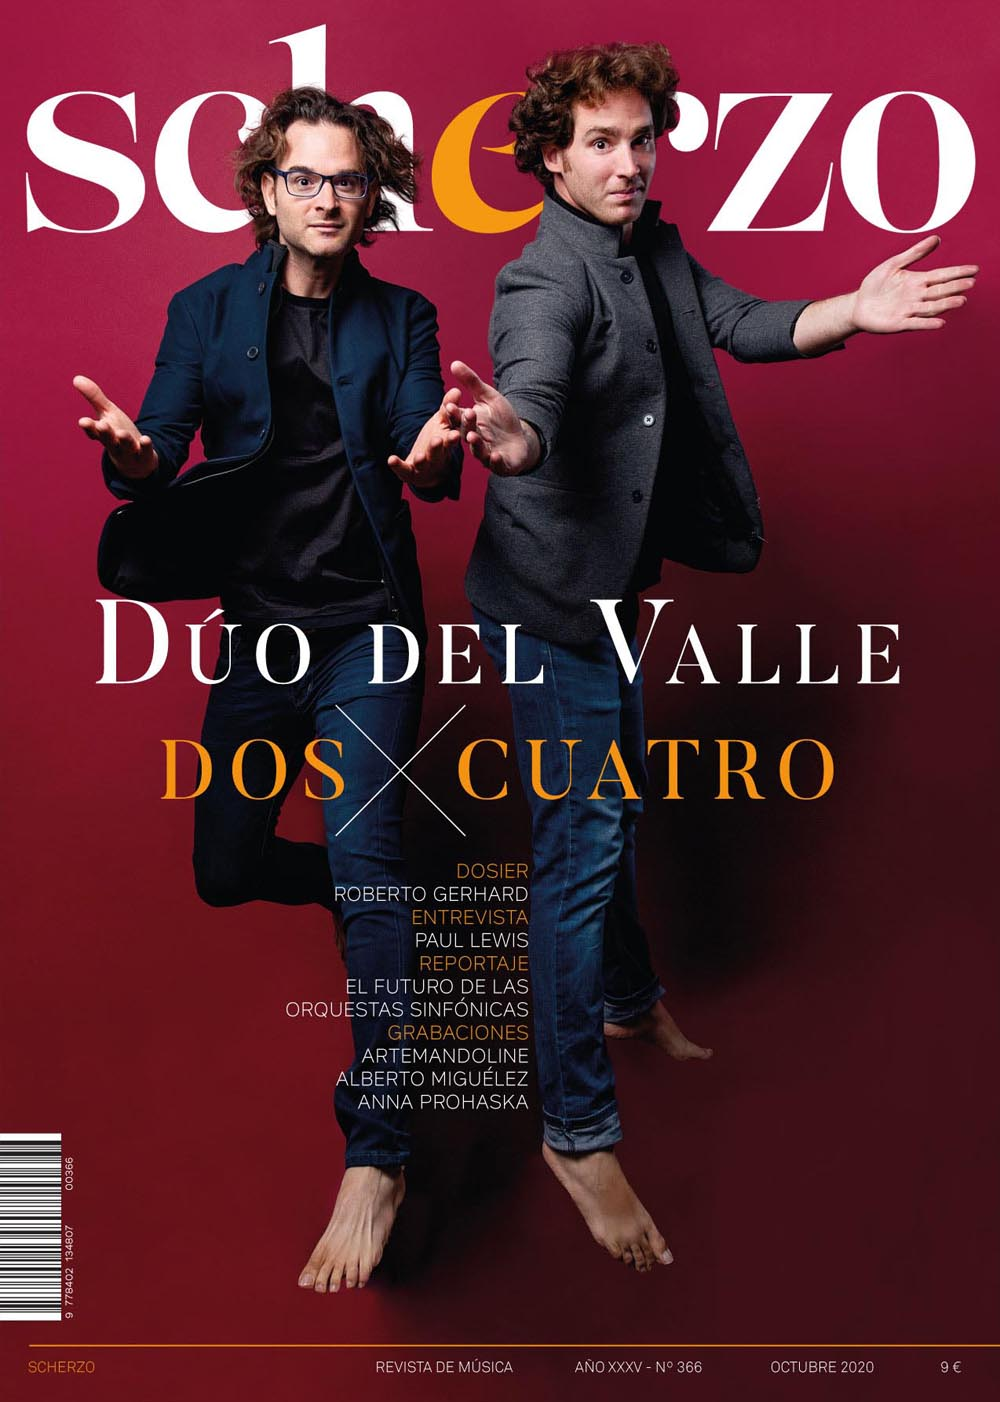 Diseño de portada revista Scherzo Duo Del valle